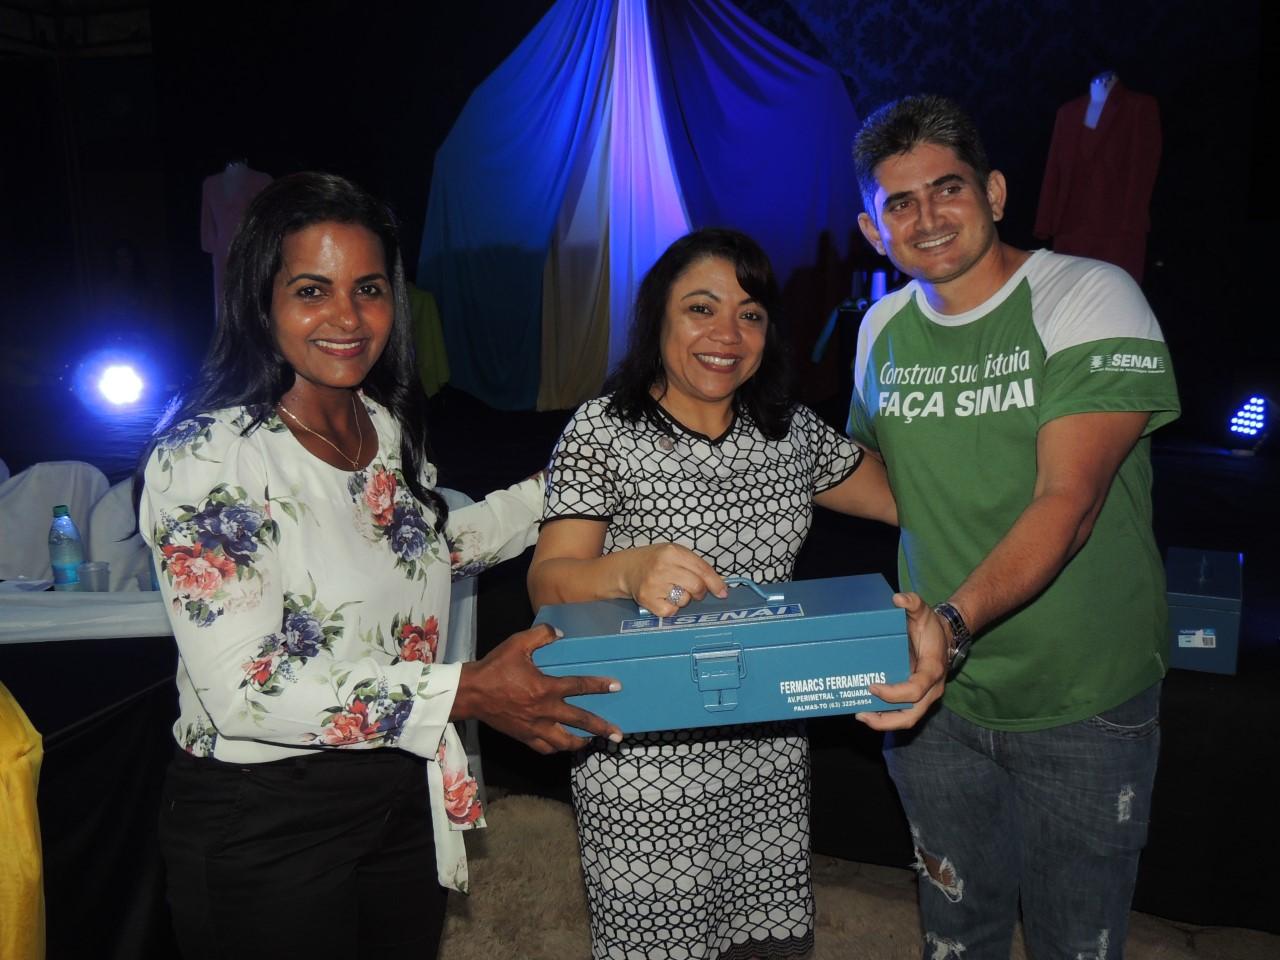 SENAI certifica alunos em Santa Rita do Tocantins